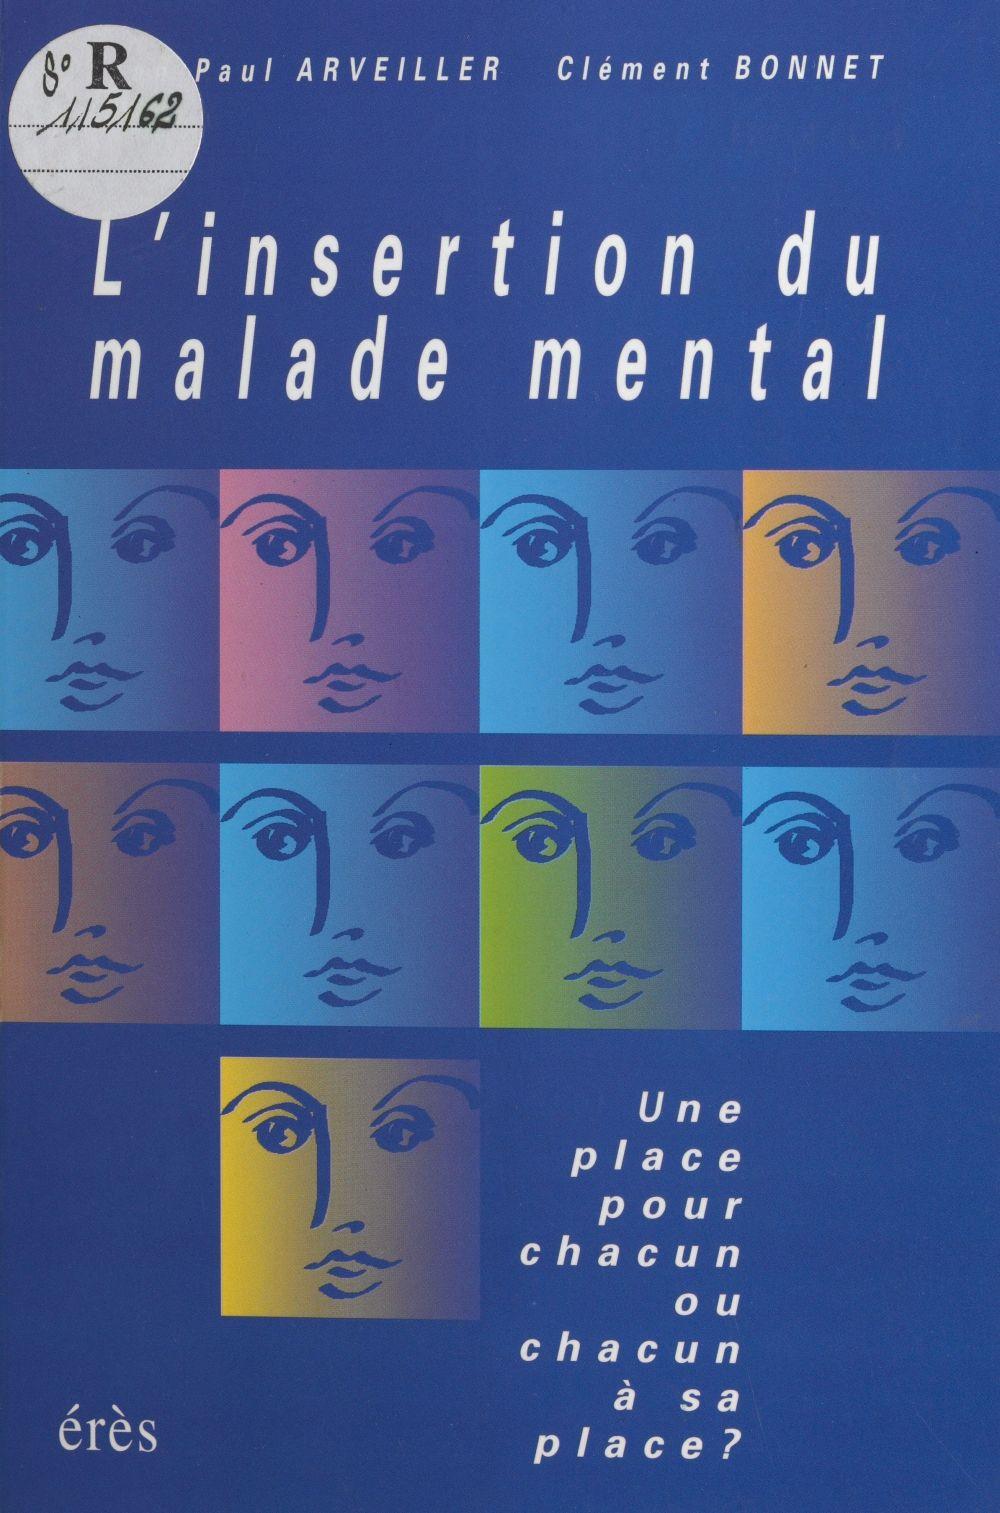 L'insertion du malade mental : une place pour chacun ou chacun à sa place ?